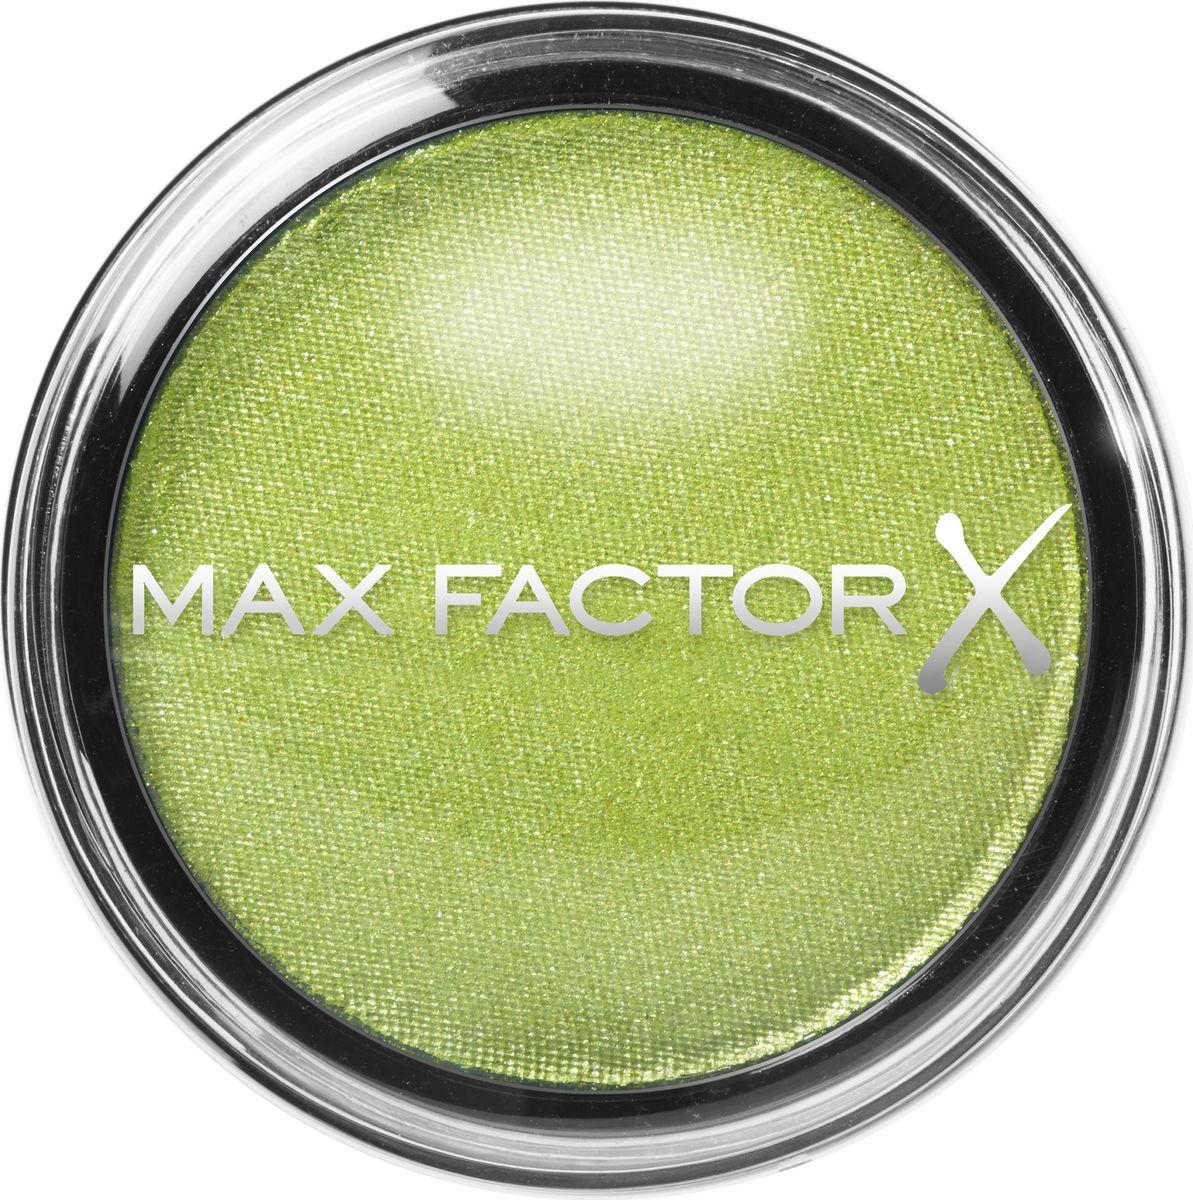 Max Factor Тени Одноцветные Wild Shadow Pots Eyeshadow 50 тон untamed green 2 гр81411280Приготовься к диким экспериментам с цветом! Эти высокопигментные тени подарят тебе по-настоящему ошеломительный взгляд. •Высокопигментный цвет •16 ошеломительных насыщенных оттенков •Наноси влажной кисточкой для более интенсивного цвета •Легко растушевываются и смешиваются. Бесконечный простор для экспериментов!